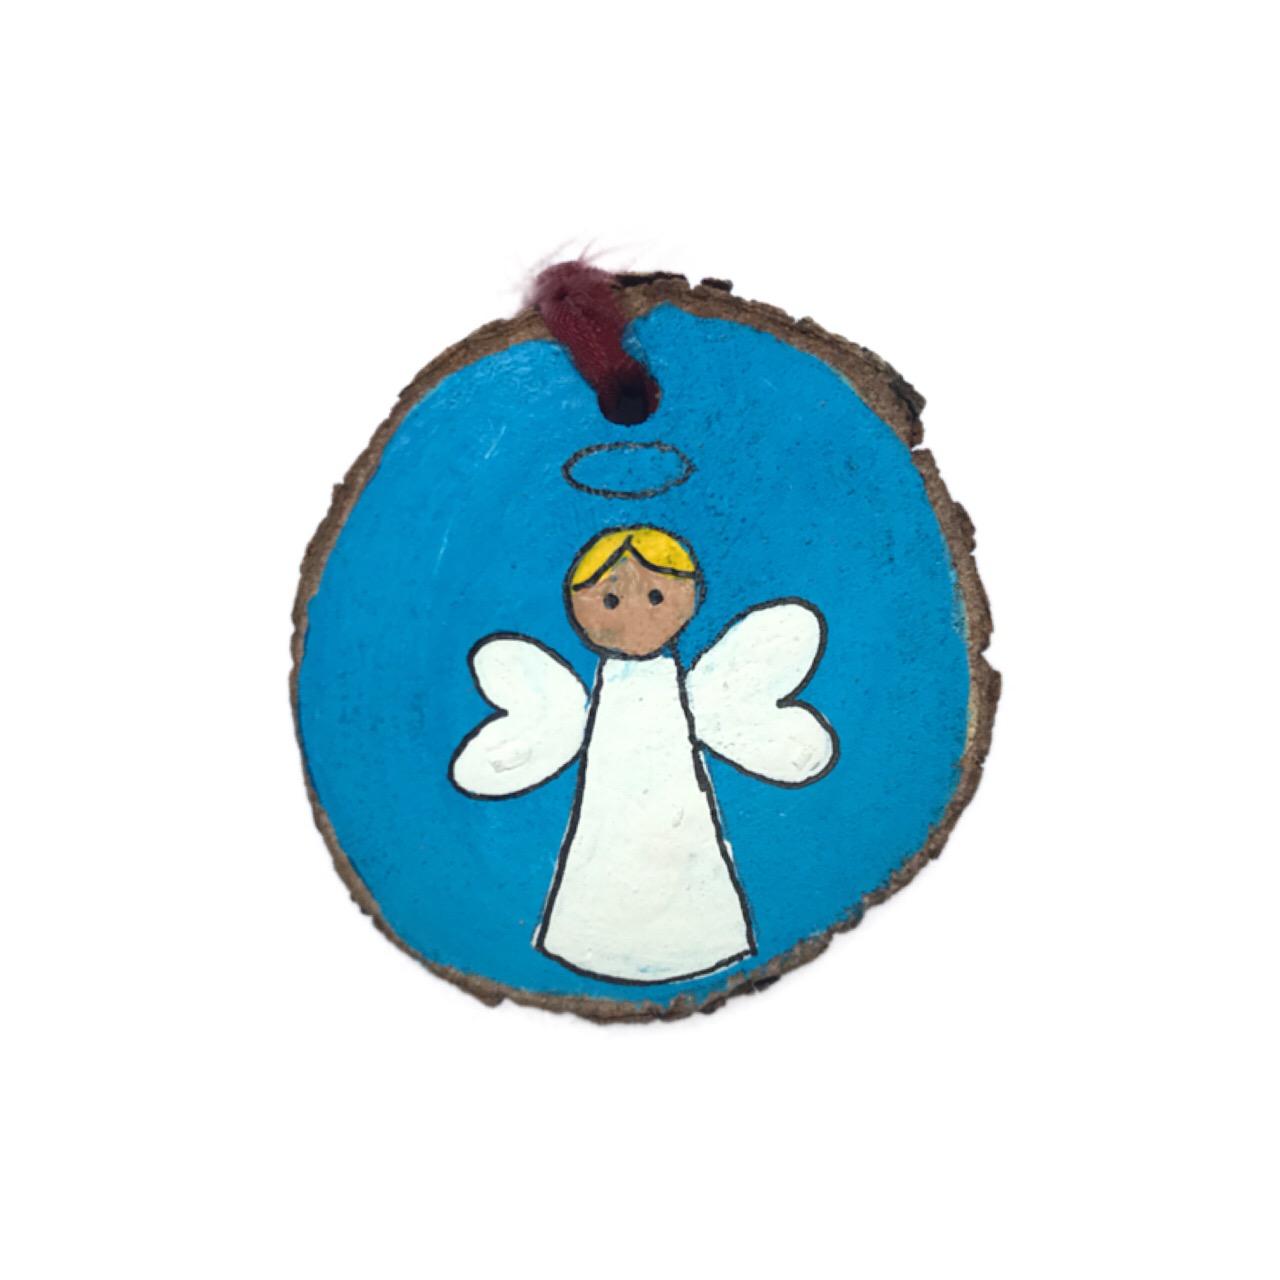 آویز تزیینی فیل چوب مدل فرشته